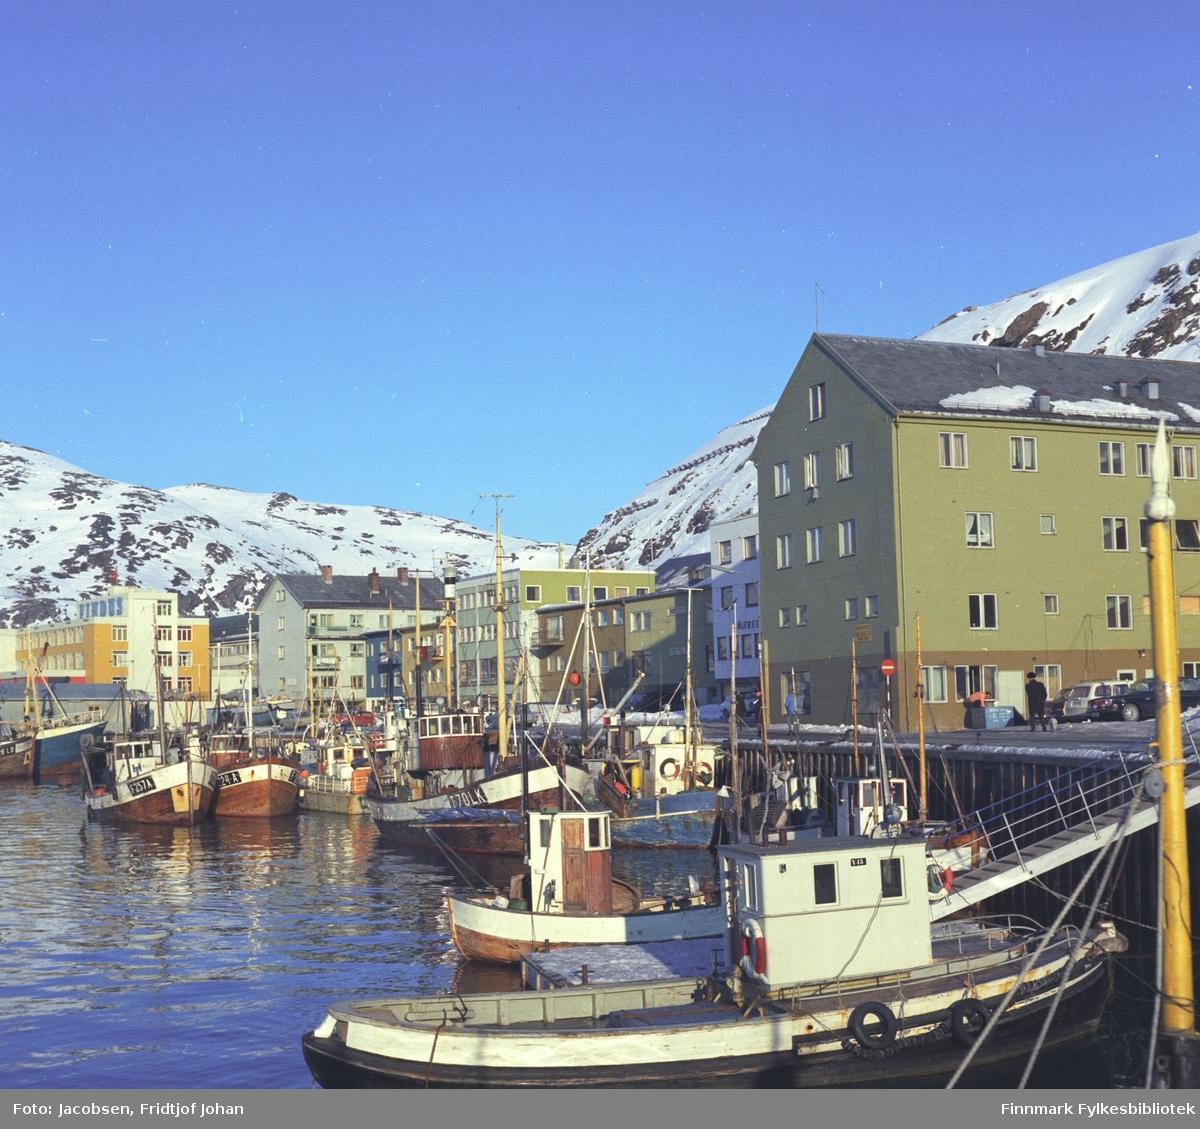 """Hammerfests indre havn sett fra Rådhuskaia. Båten nærmest kamera er havnevesenets """"Havna 1"""". Det store bygget til høyre på bildet er Samvirkelaget. Findusanlegget ses helt til venstre på bildet med Mollafjell i bakgrunnen."""